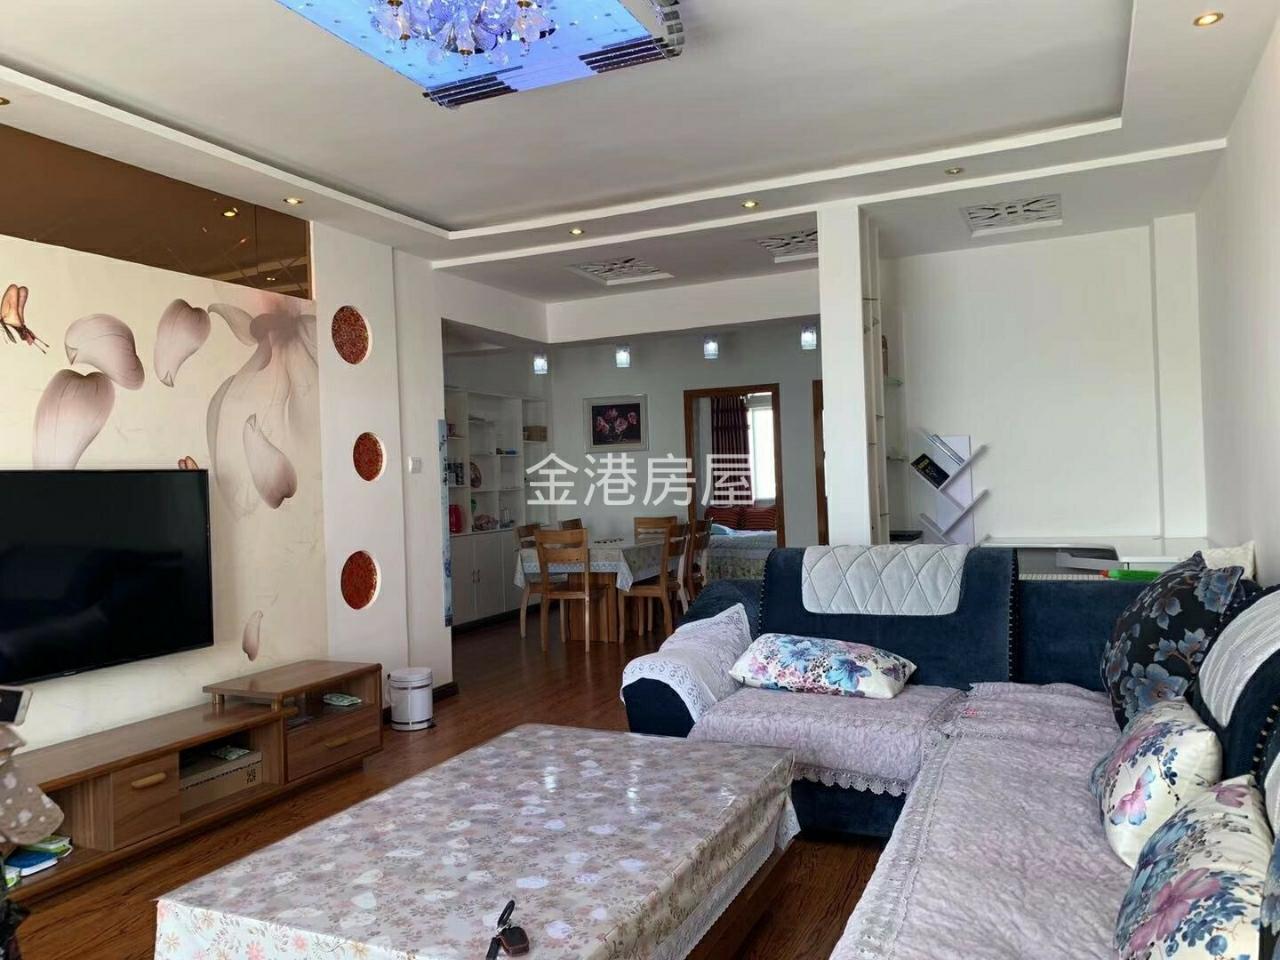 明珠花園小區2室2廳1衛52萬元